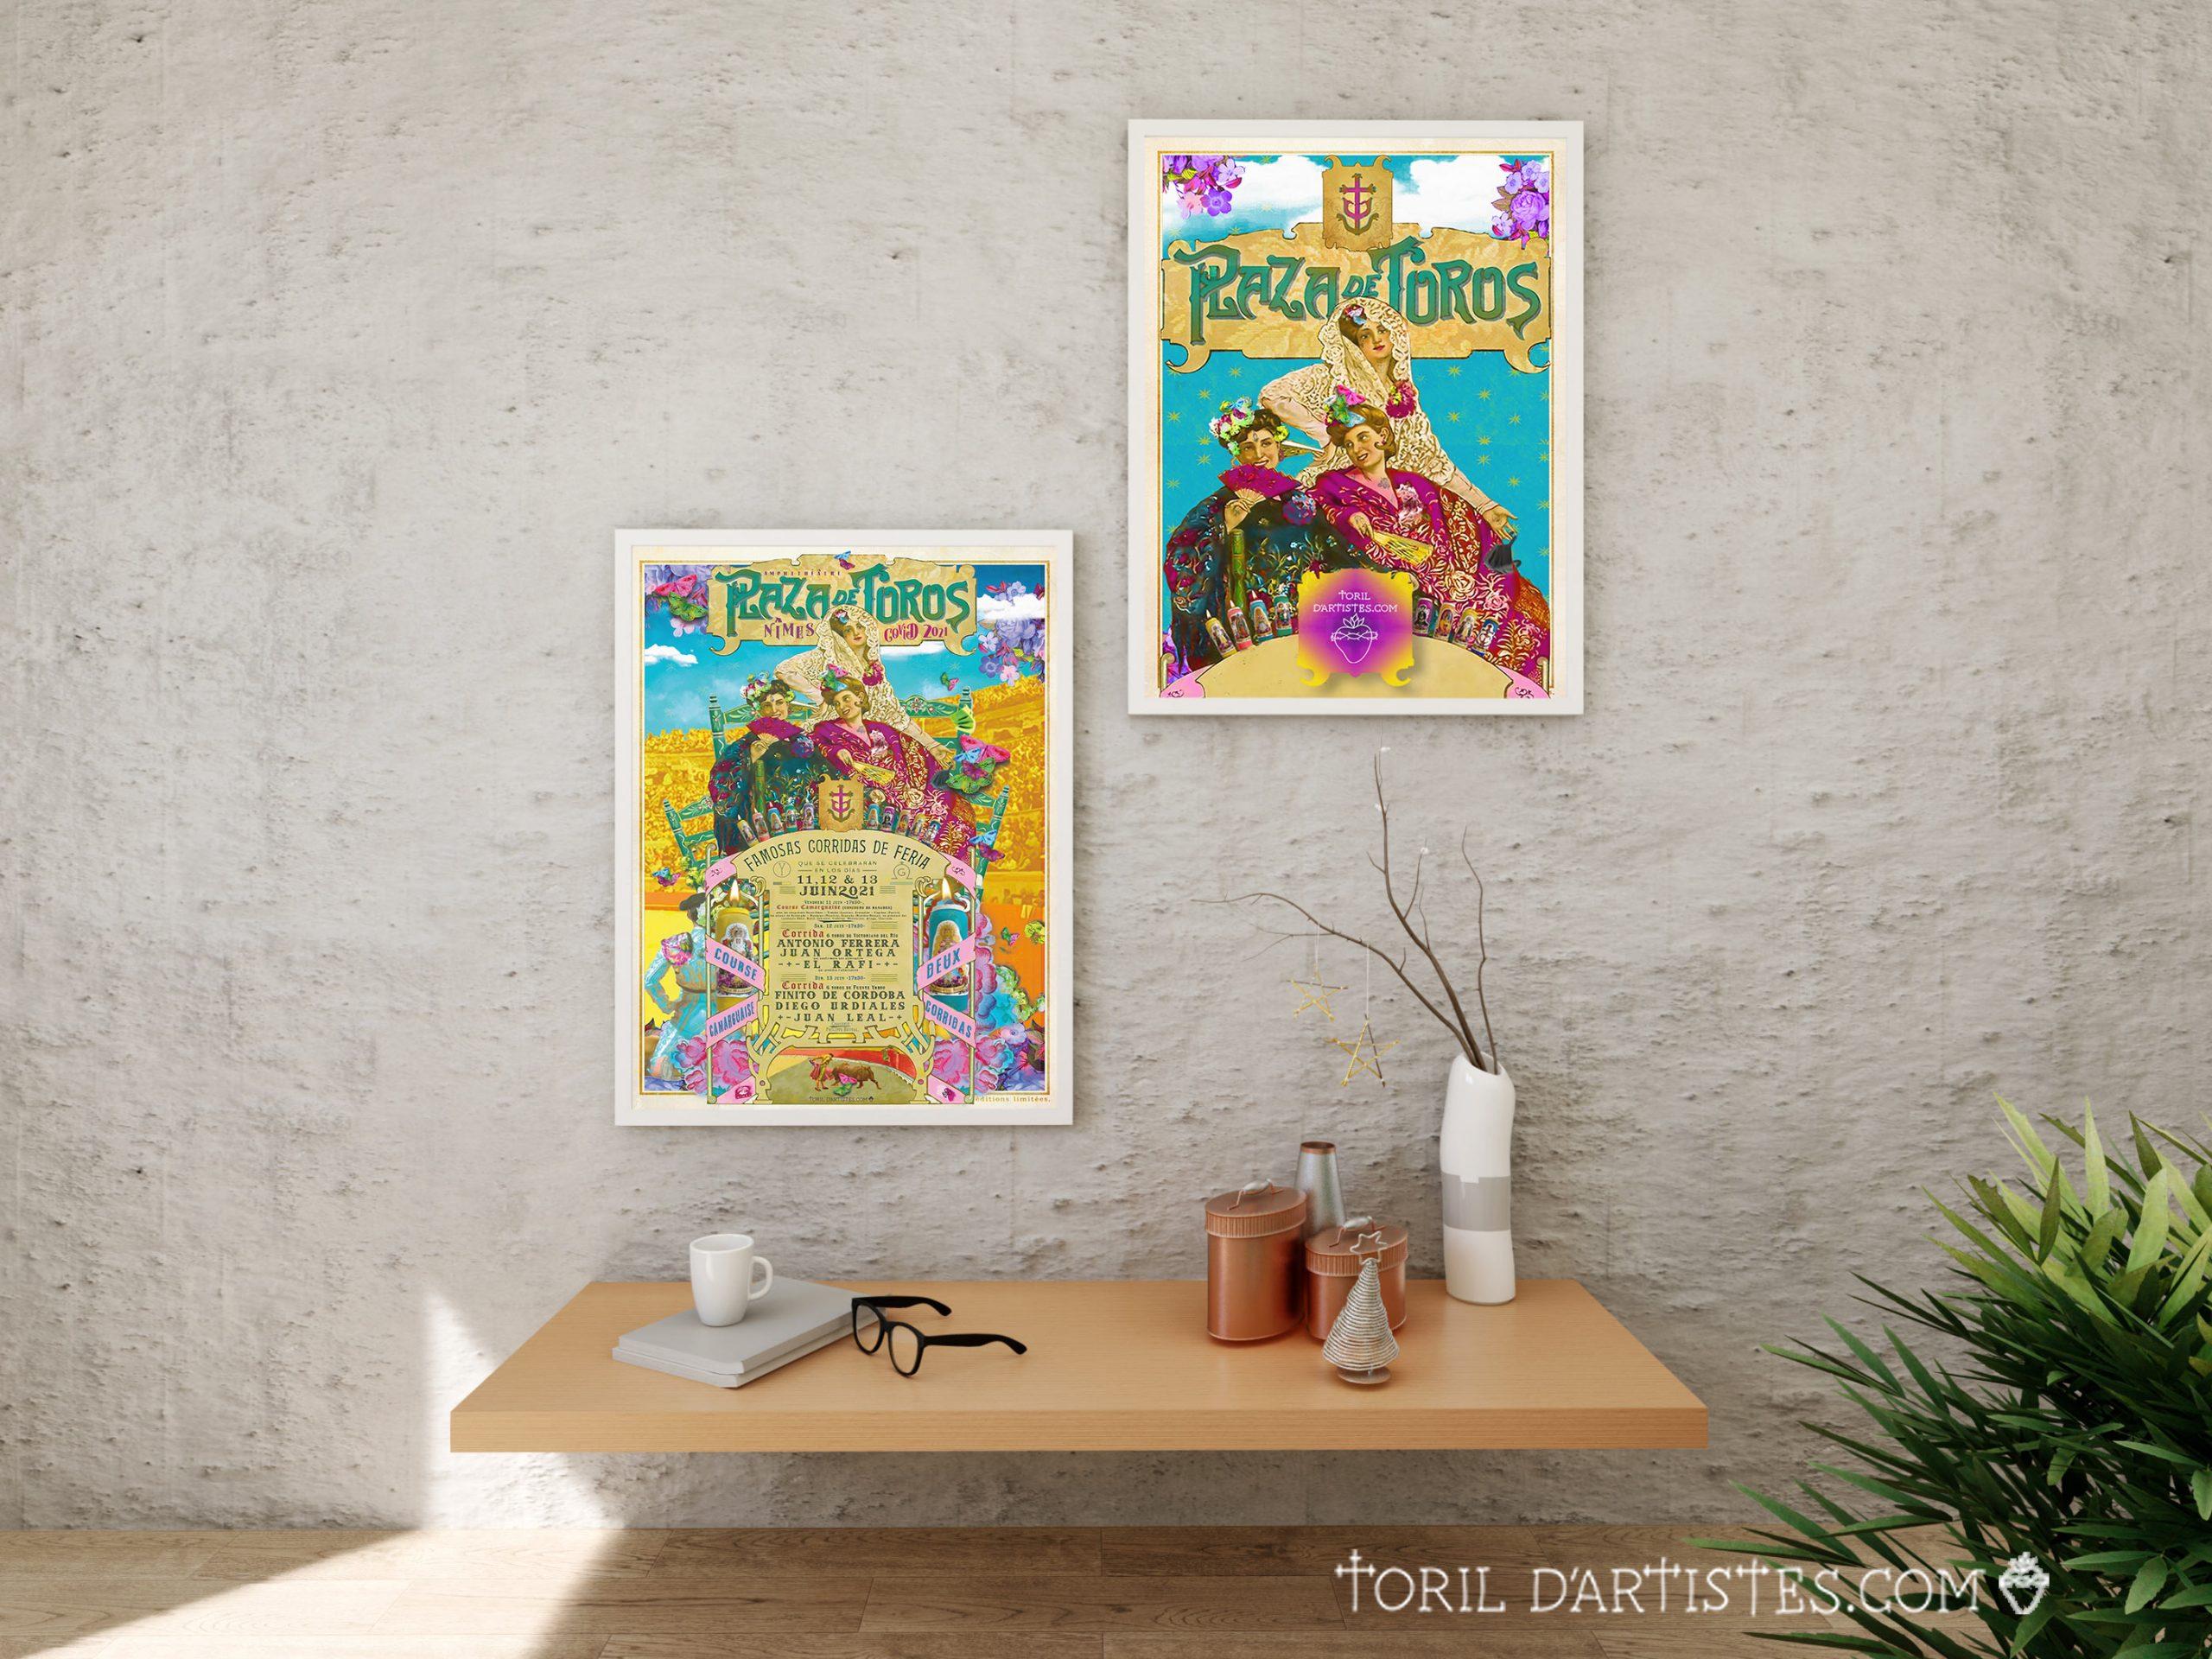 affiche de la feria de nimes 2021 avec le programme des corridas et des courses camarguaises